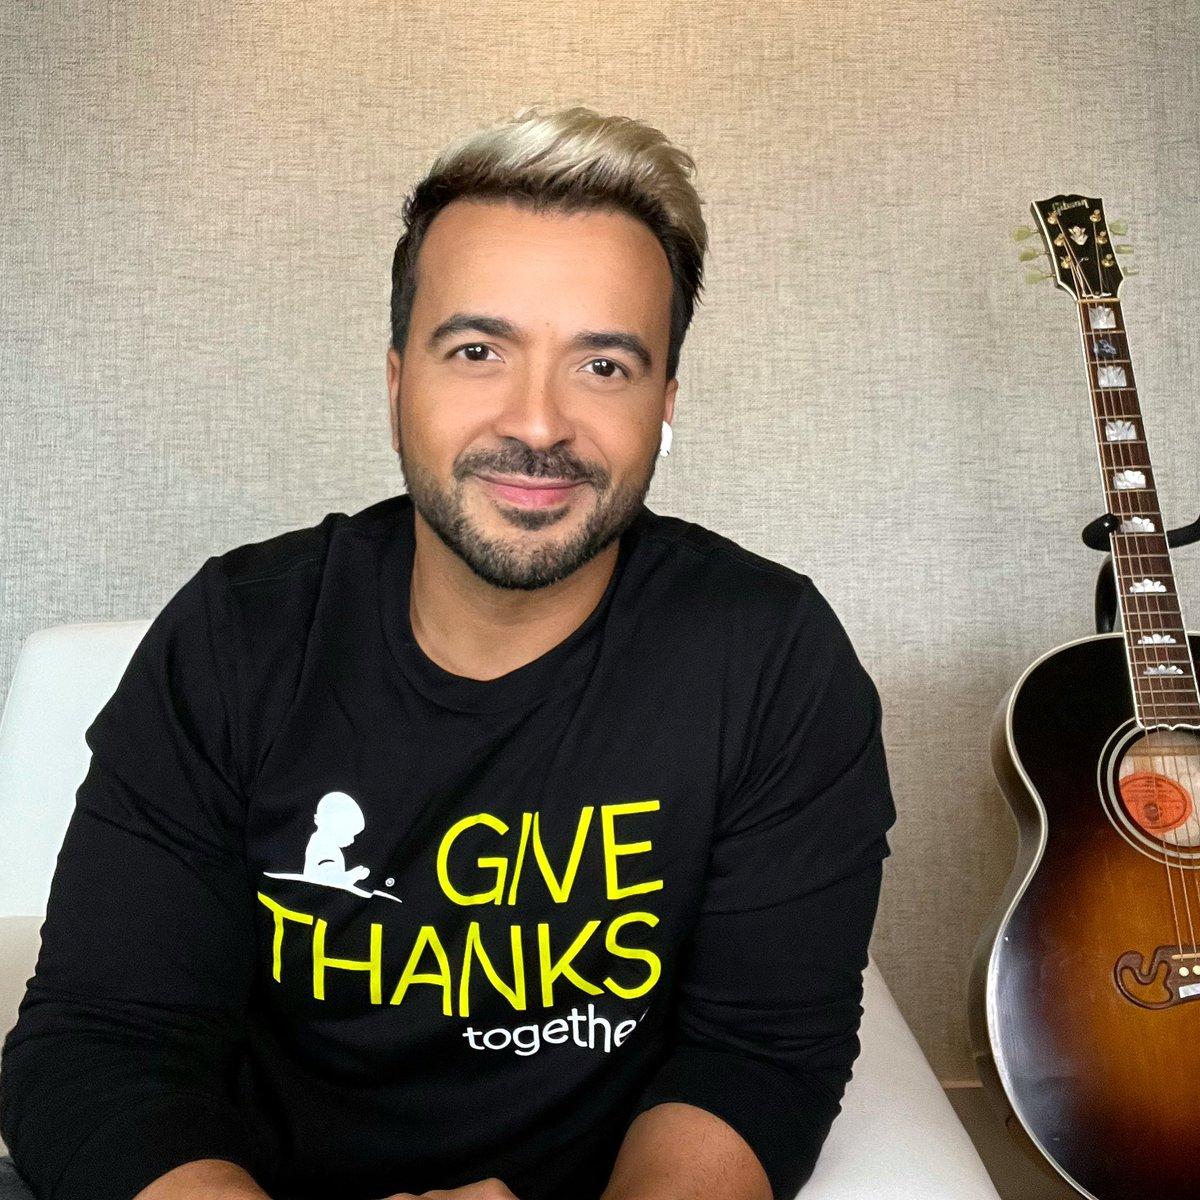 Hoy hablamos con muchos medios sobre la campaña #ThanksAndGiving de @stjude 🙏🏽